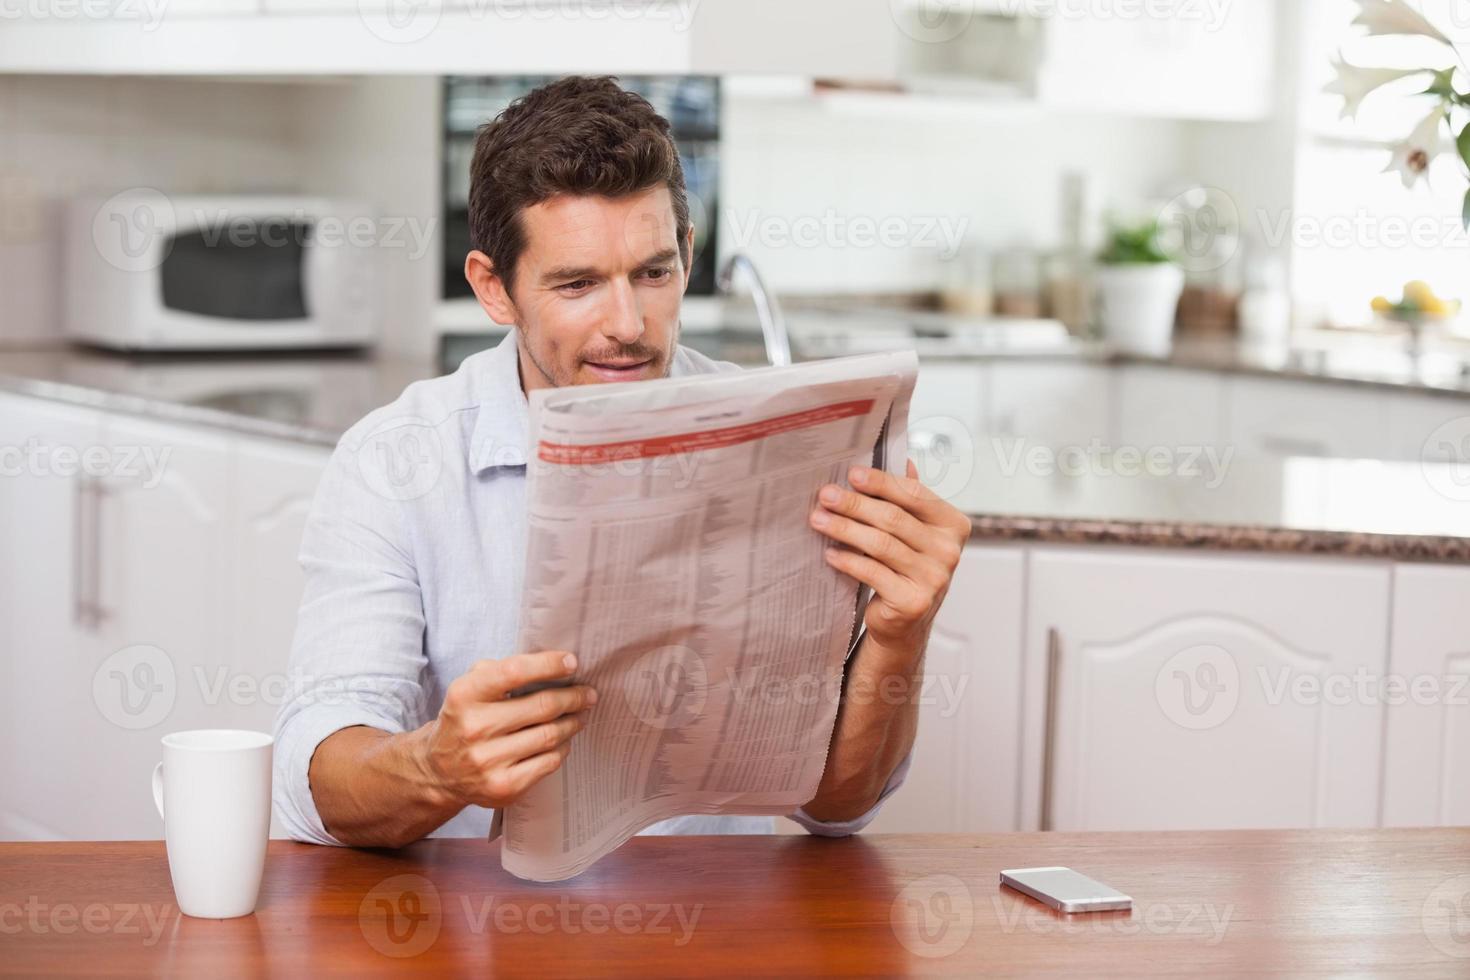 Hombre concentrado leyendo el periódico en la cocina foto